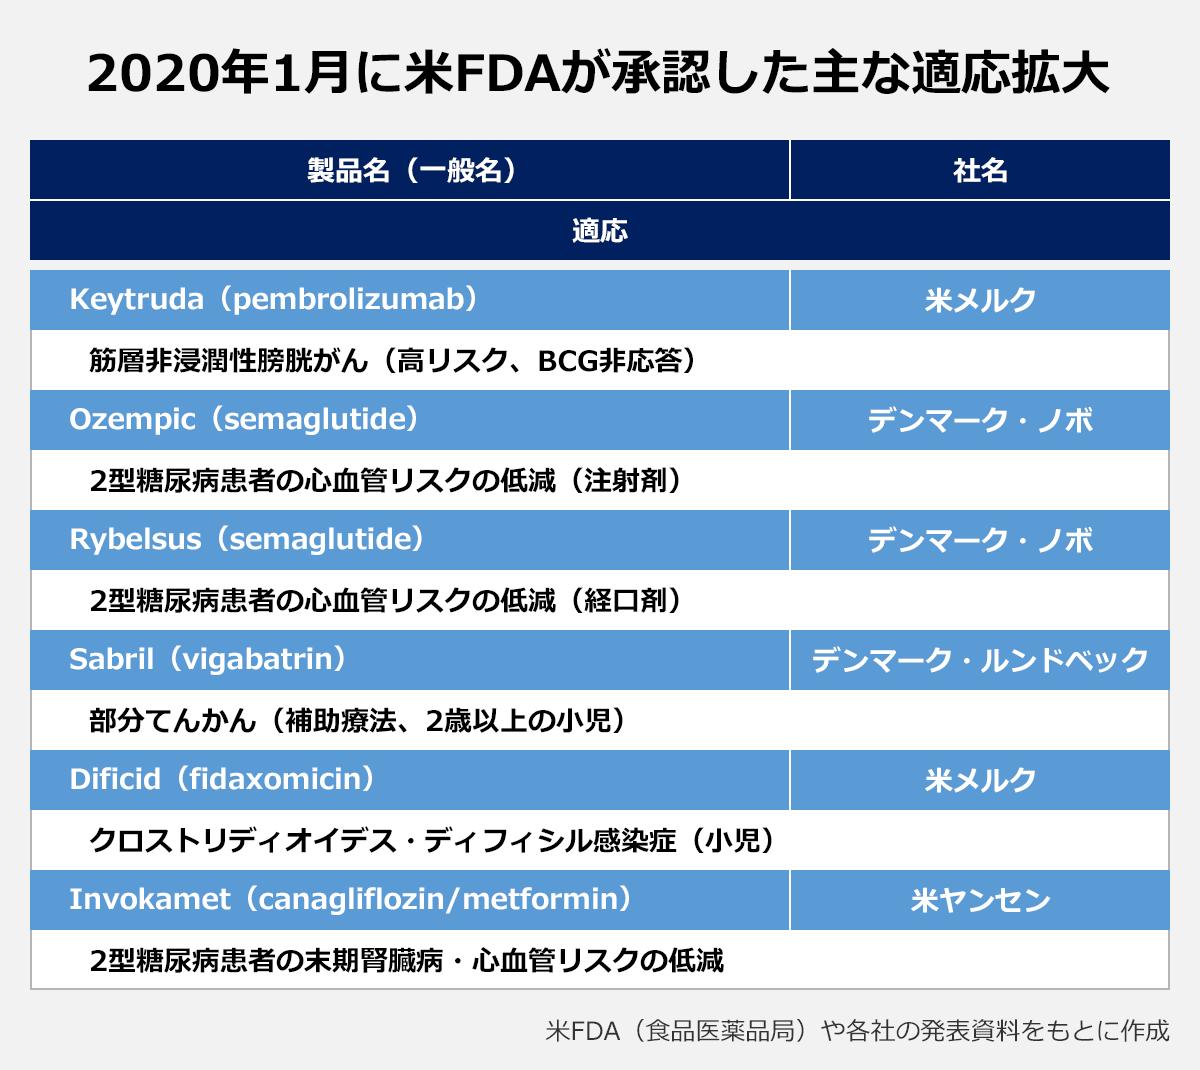 【2020年1月に米FDAが承認した主な適応拡大】(製品名(一般名)/社名/適応): Keytruda(pembrolizumab)/米メルク/筋層非浸潤性膀胱がん(高リスク、BCG非応答 |Ozempic(semaglutide)/デンマーク・ノボ/2型糖尿病患者の心血管リスクの低減(注射剤) |Rybelsus(semaglutide)/デンマーク・ノボ/2型糖尿病患者の心血管リスクの低減(経口剤) |Sabril(vigabatrin)/デンマーク・ルンドベック/部分てんかん(補助療法、2歳以上の小児) |Dificid(fidaxomicin)/米メルク/クロストリディオイデス・ディフィシル感染症(小児) |Invokamet(canagliflozin/metformin)/米ヤンセン/2型糖尿病患者の末期腎臓病・心血管リスクの低減 |※米FDA(食品医薬品局)や各社の発表資料をもとに作成